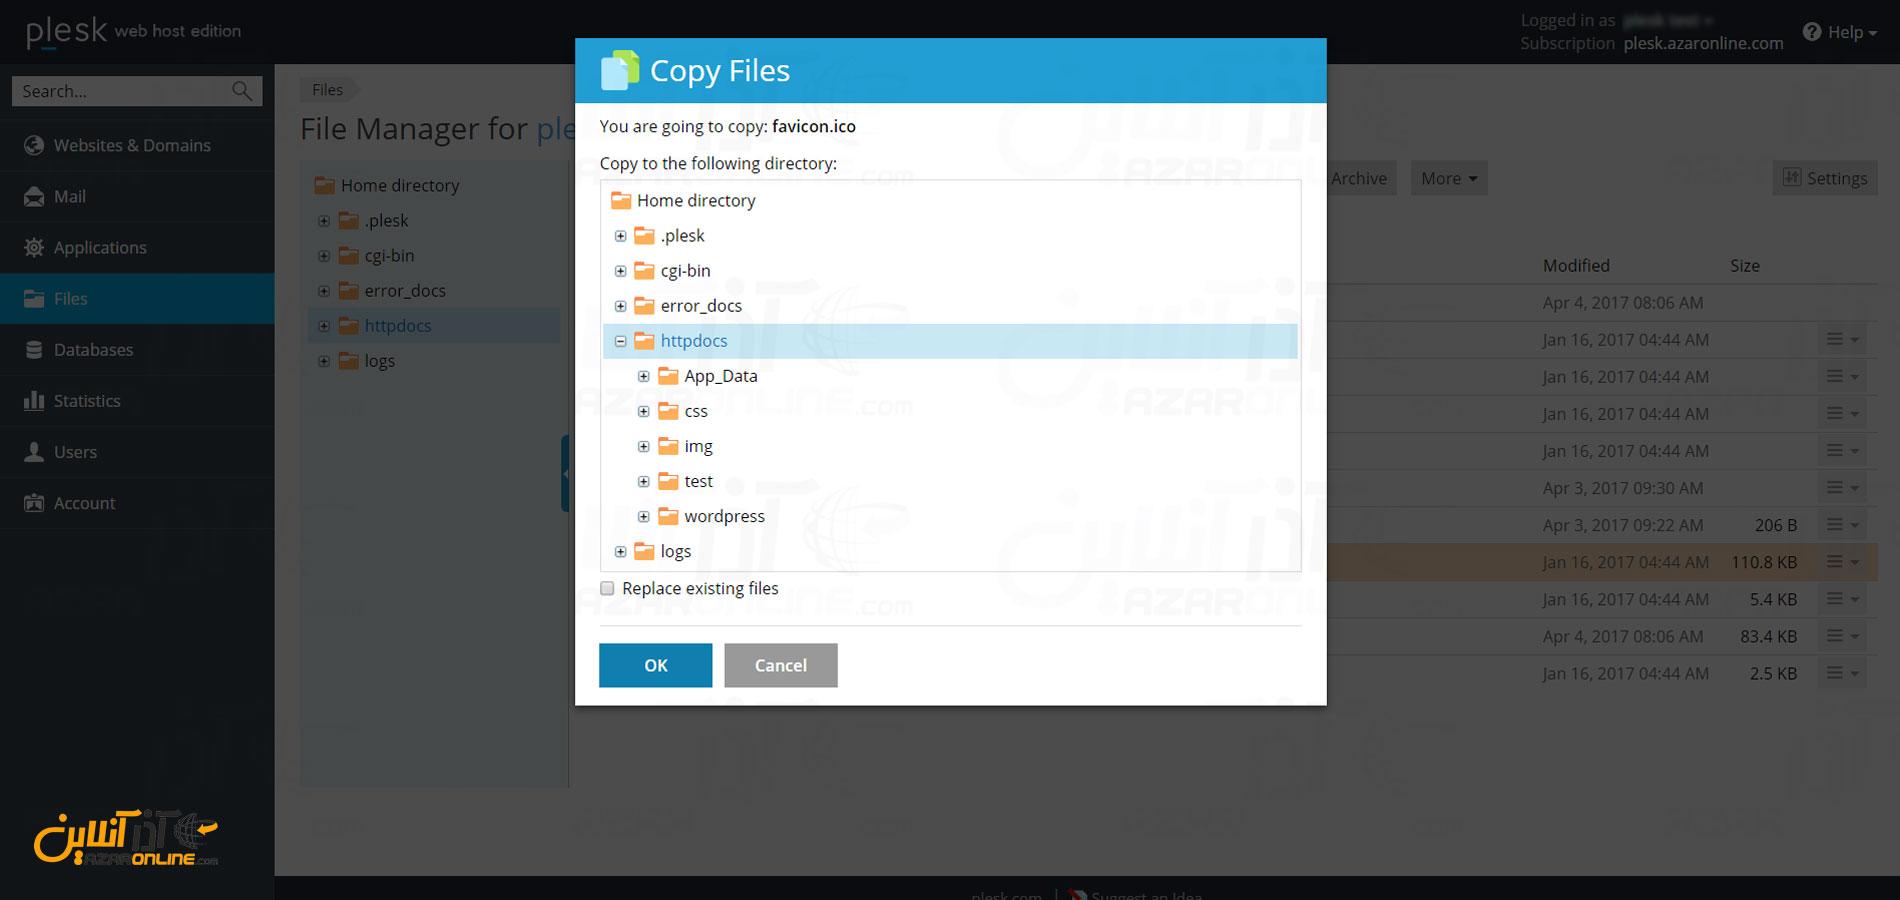 کپی کردن فایل در پلسک